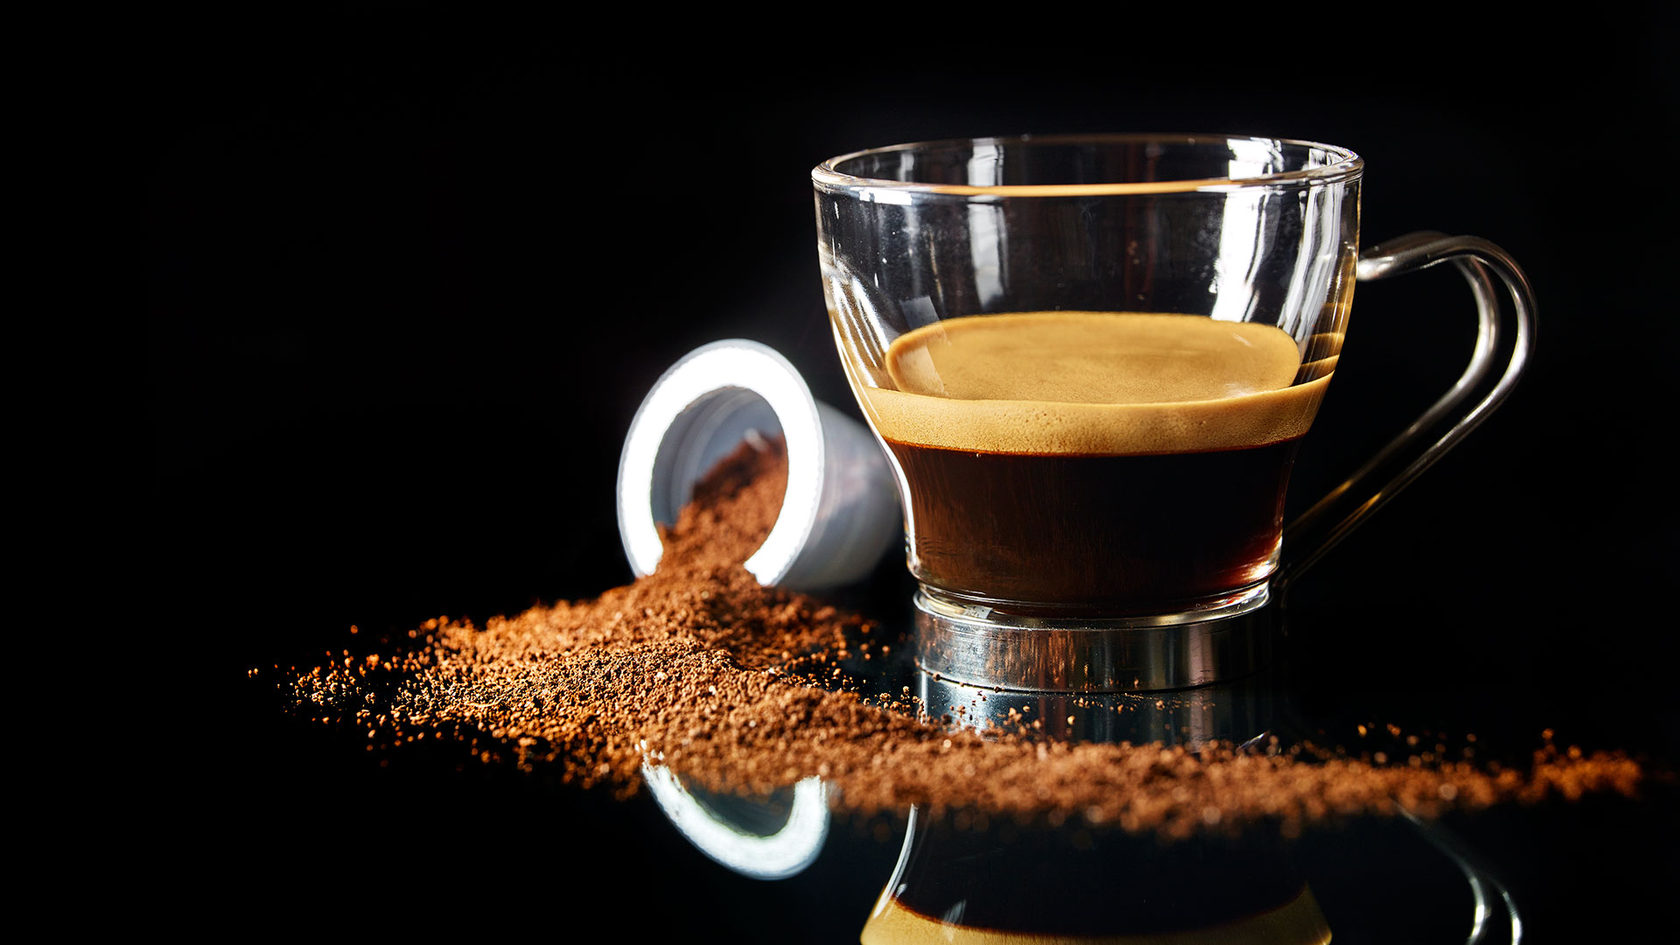 Что такое ристретто и как правильно приготовить напиток дома (3 рецепта)